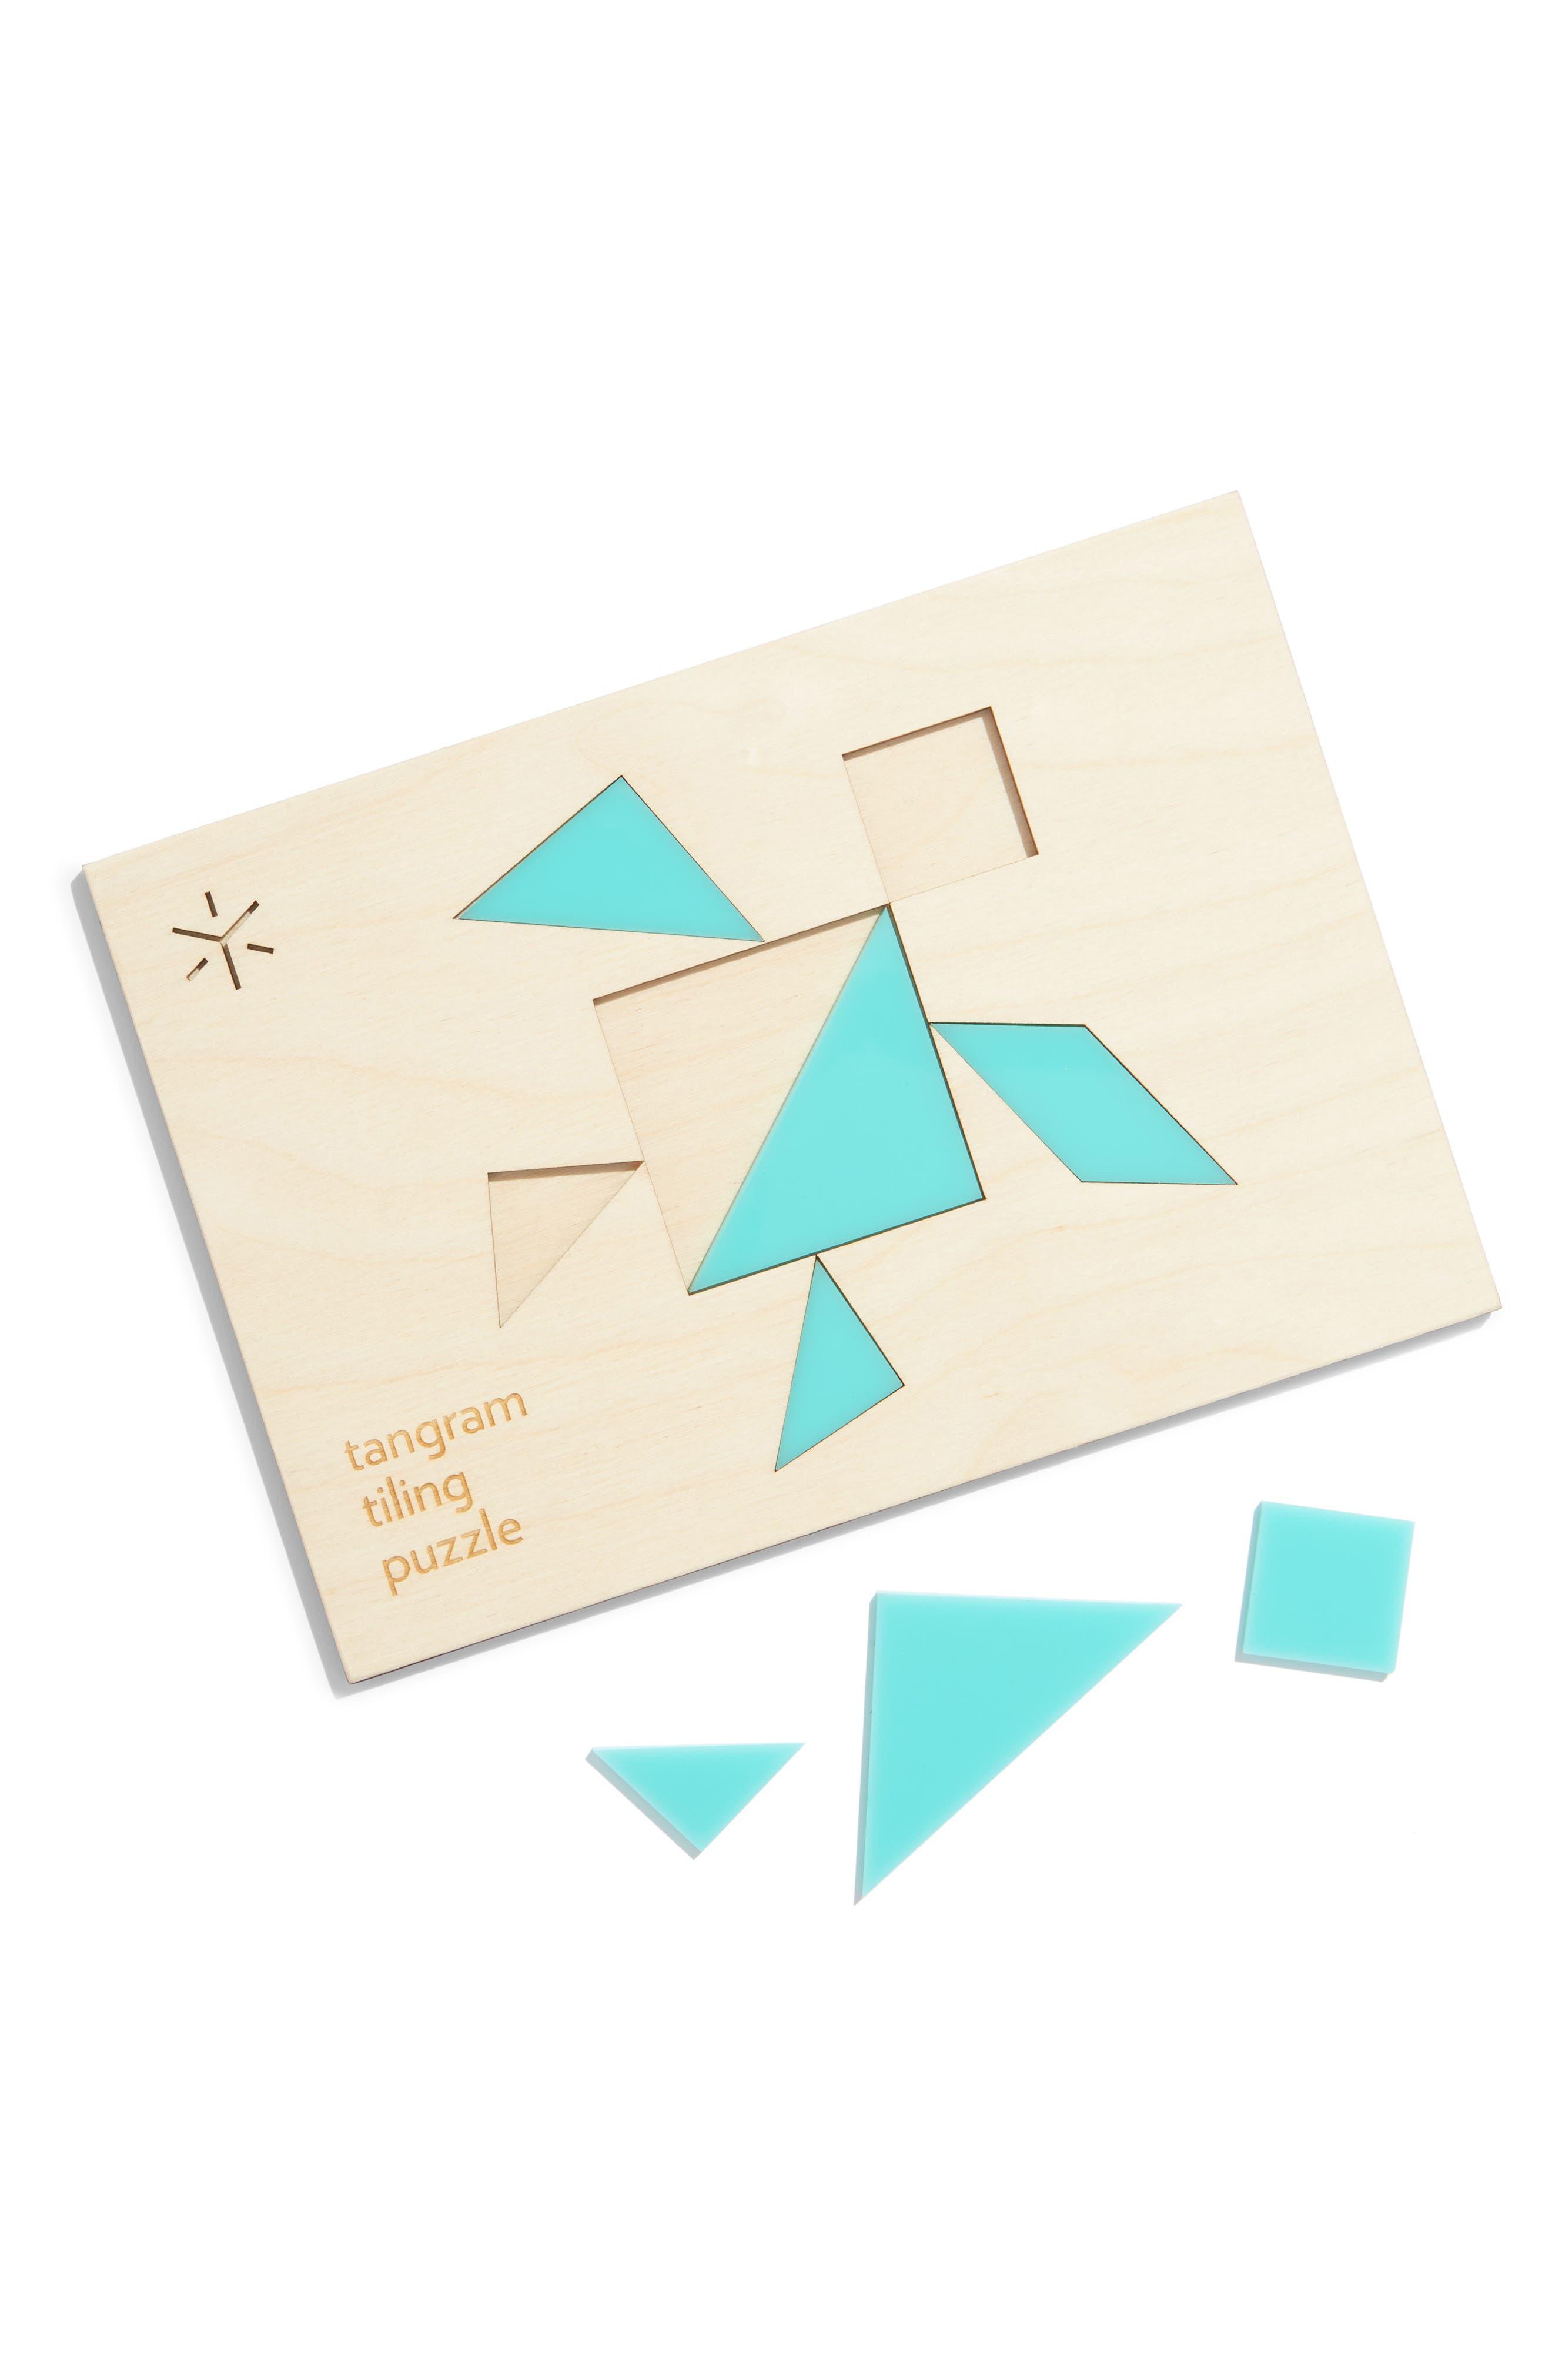 Tiling Puzzle,                             Alternate thumbnail 2, color,                             BLUE TURTLE